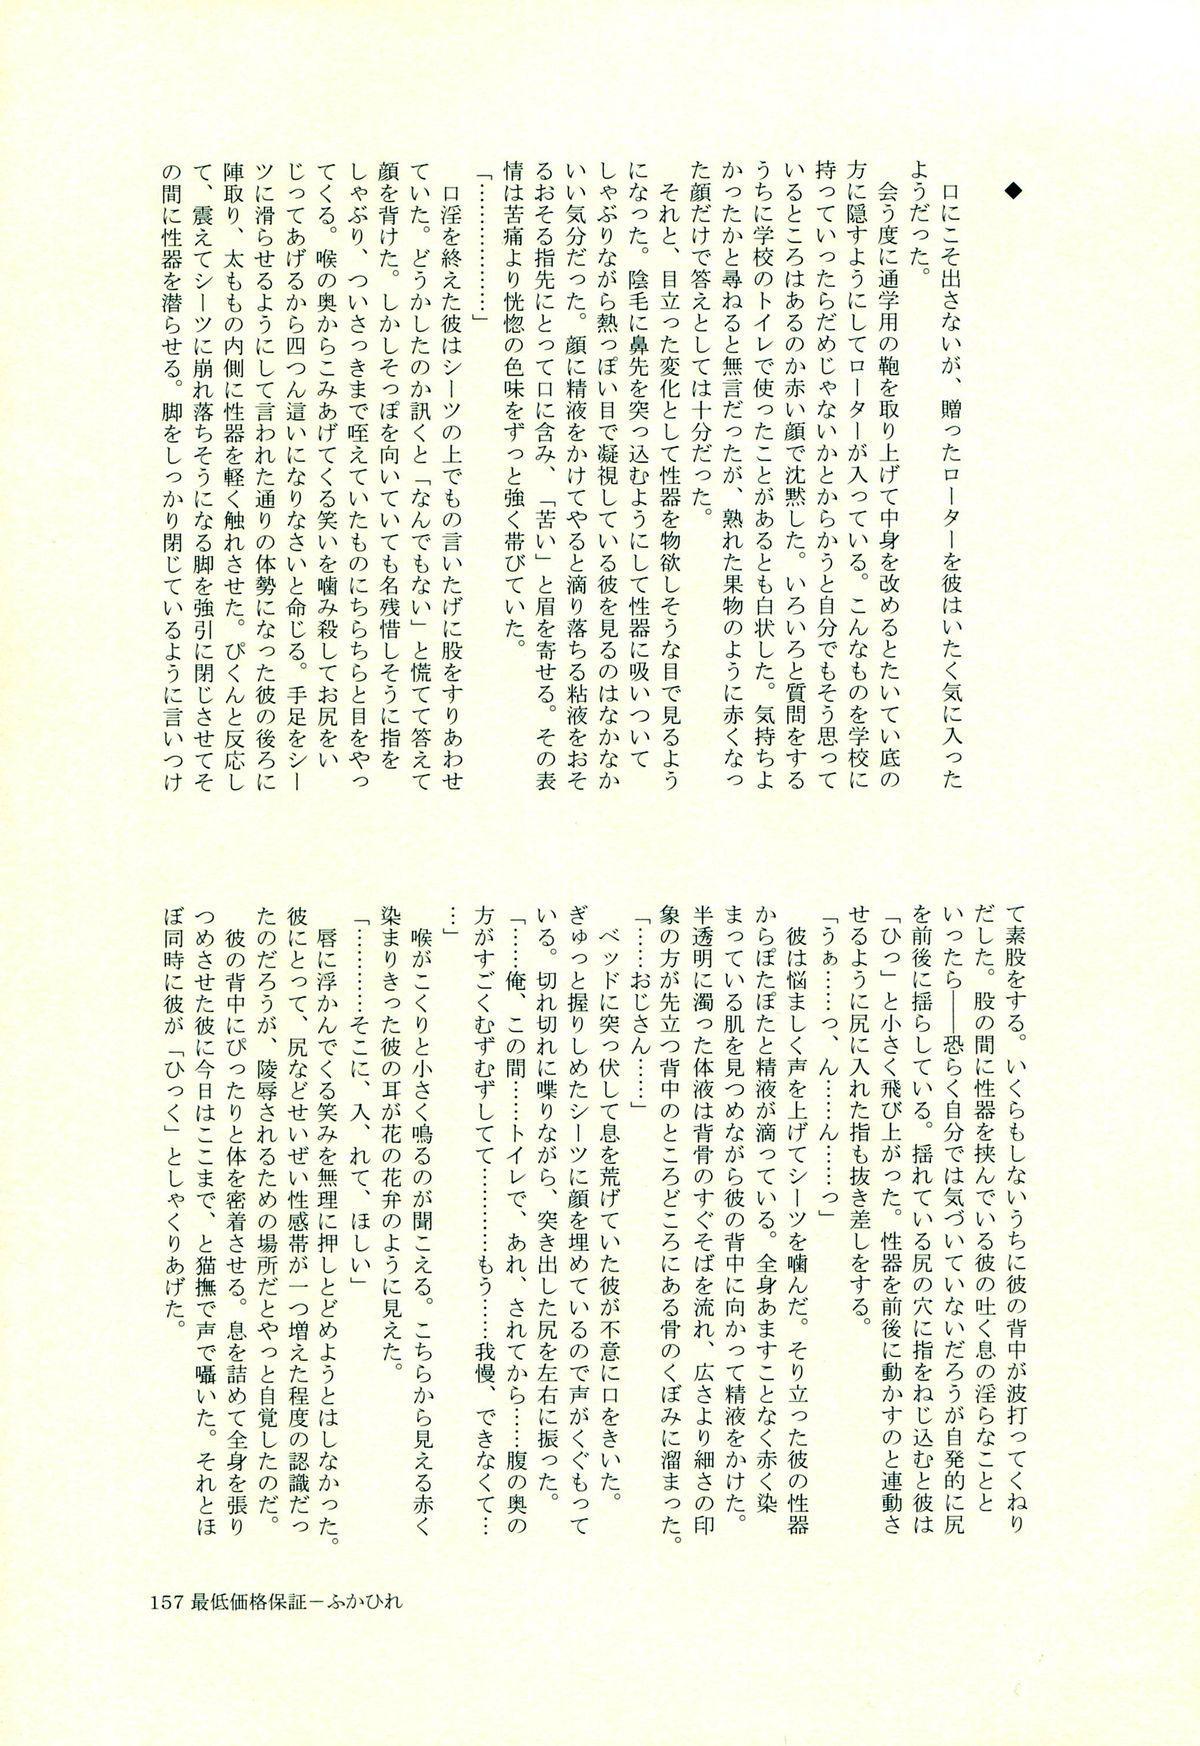 Hinata Hajime no Himitsu no Jikan 155